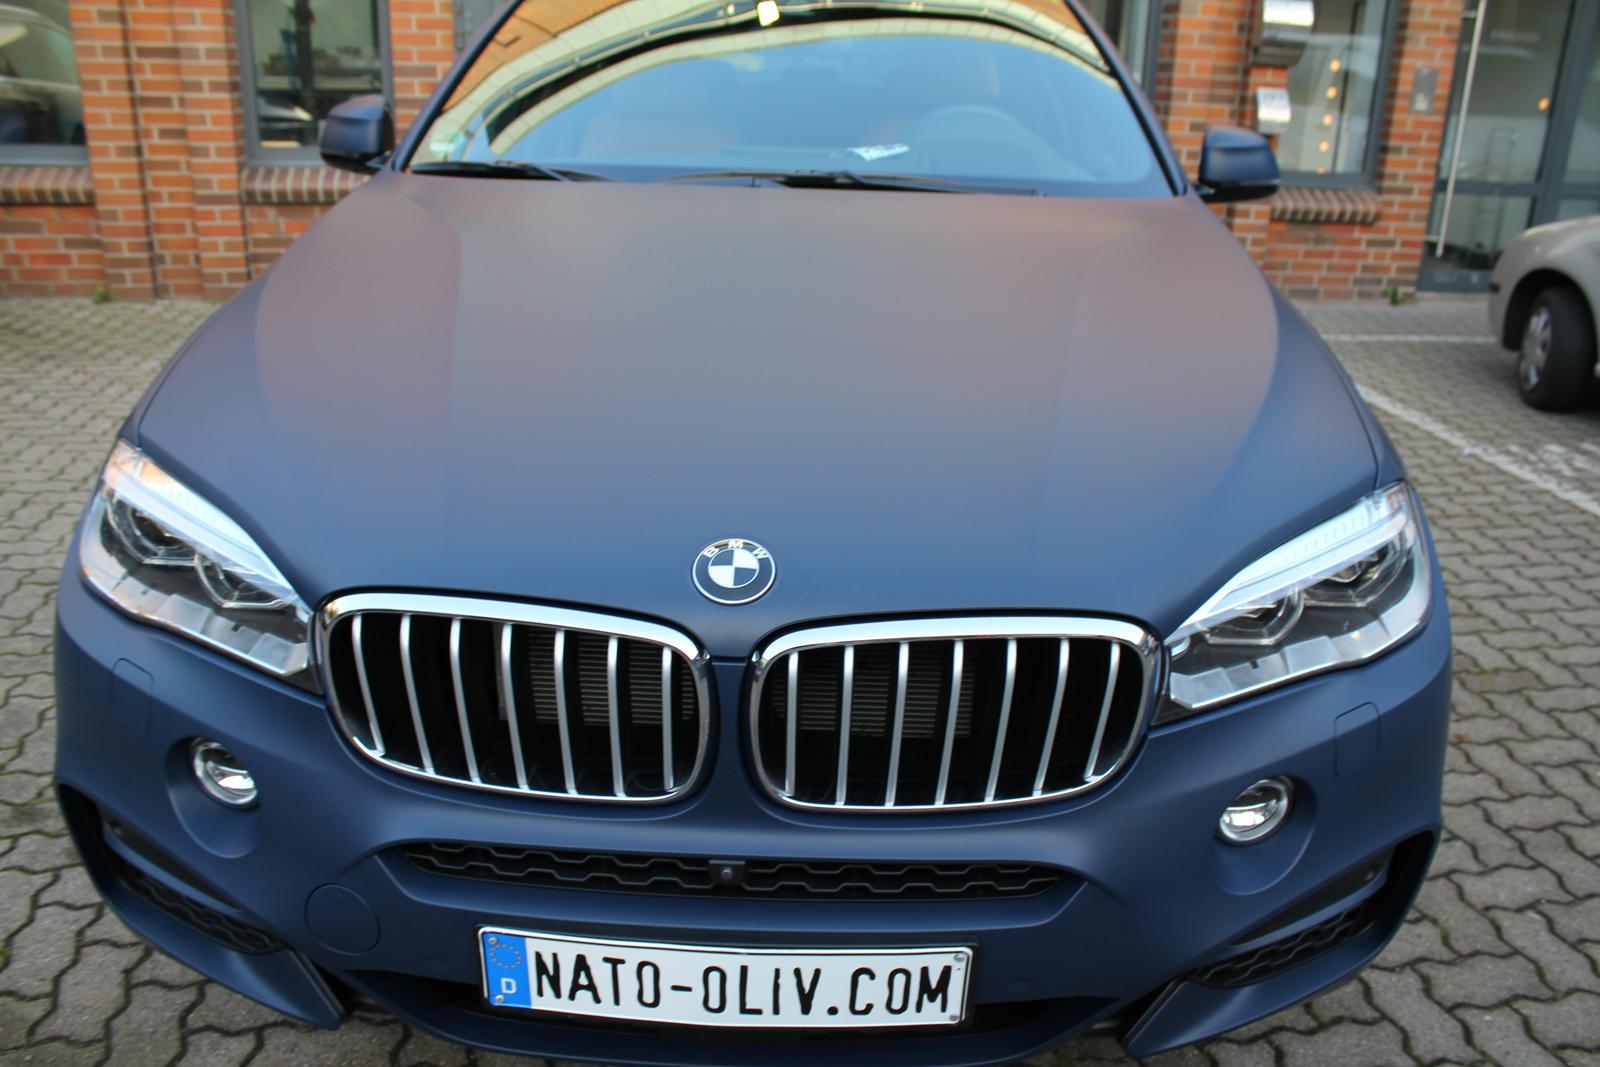 BMW_X6_CAR-WRAPPING_YACHTBLAU_MATT_08